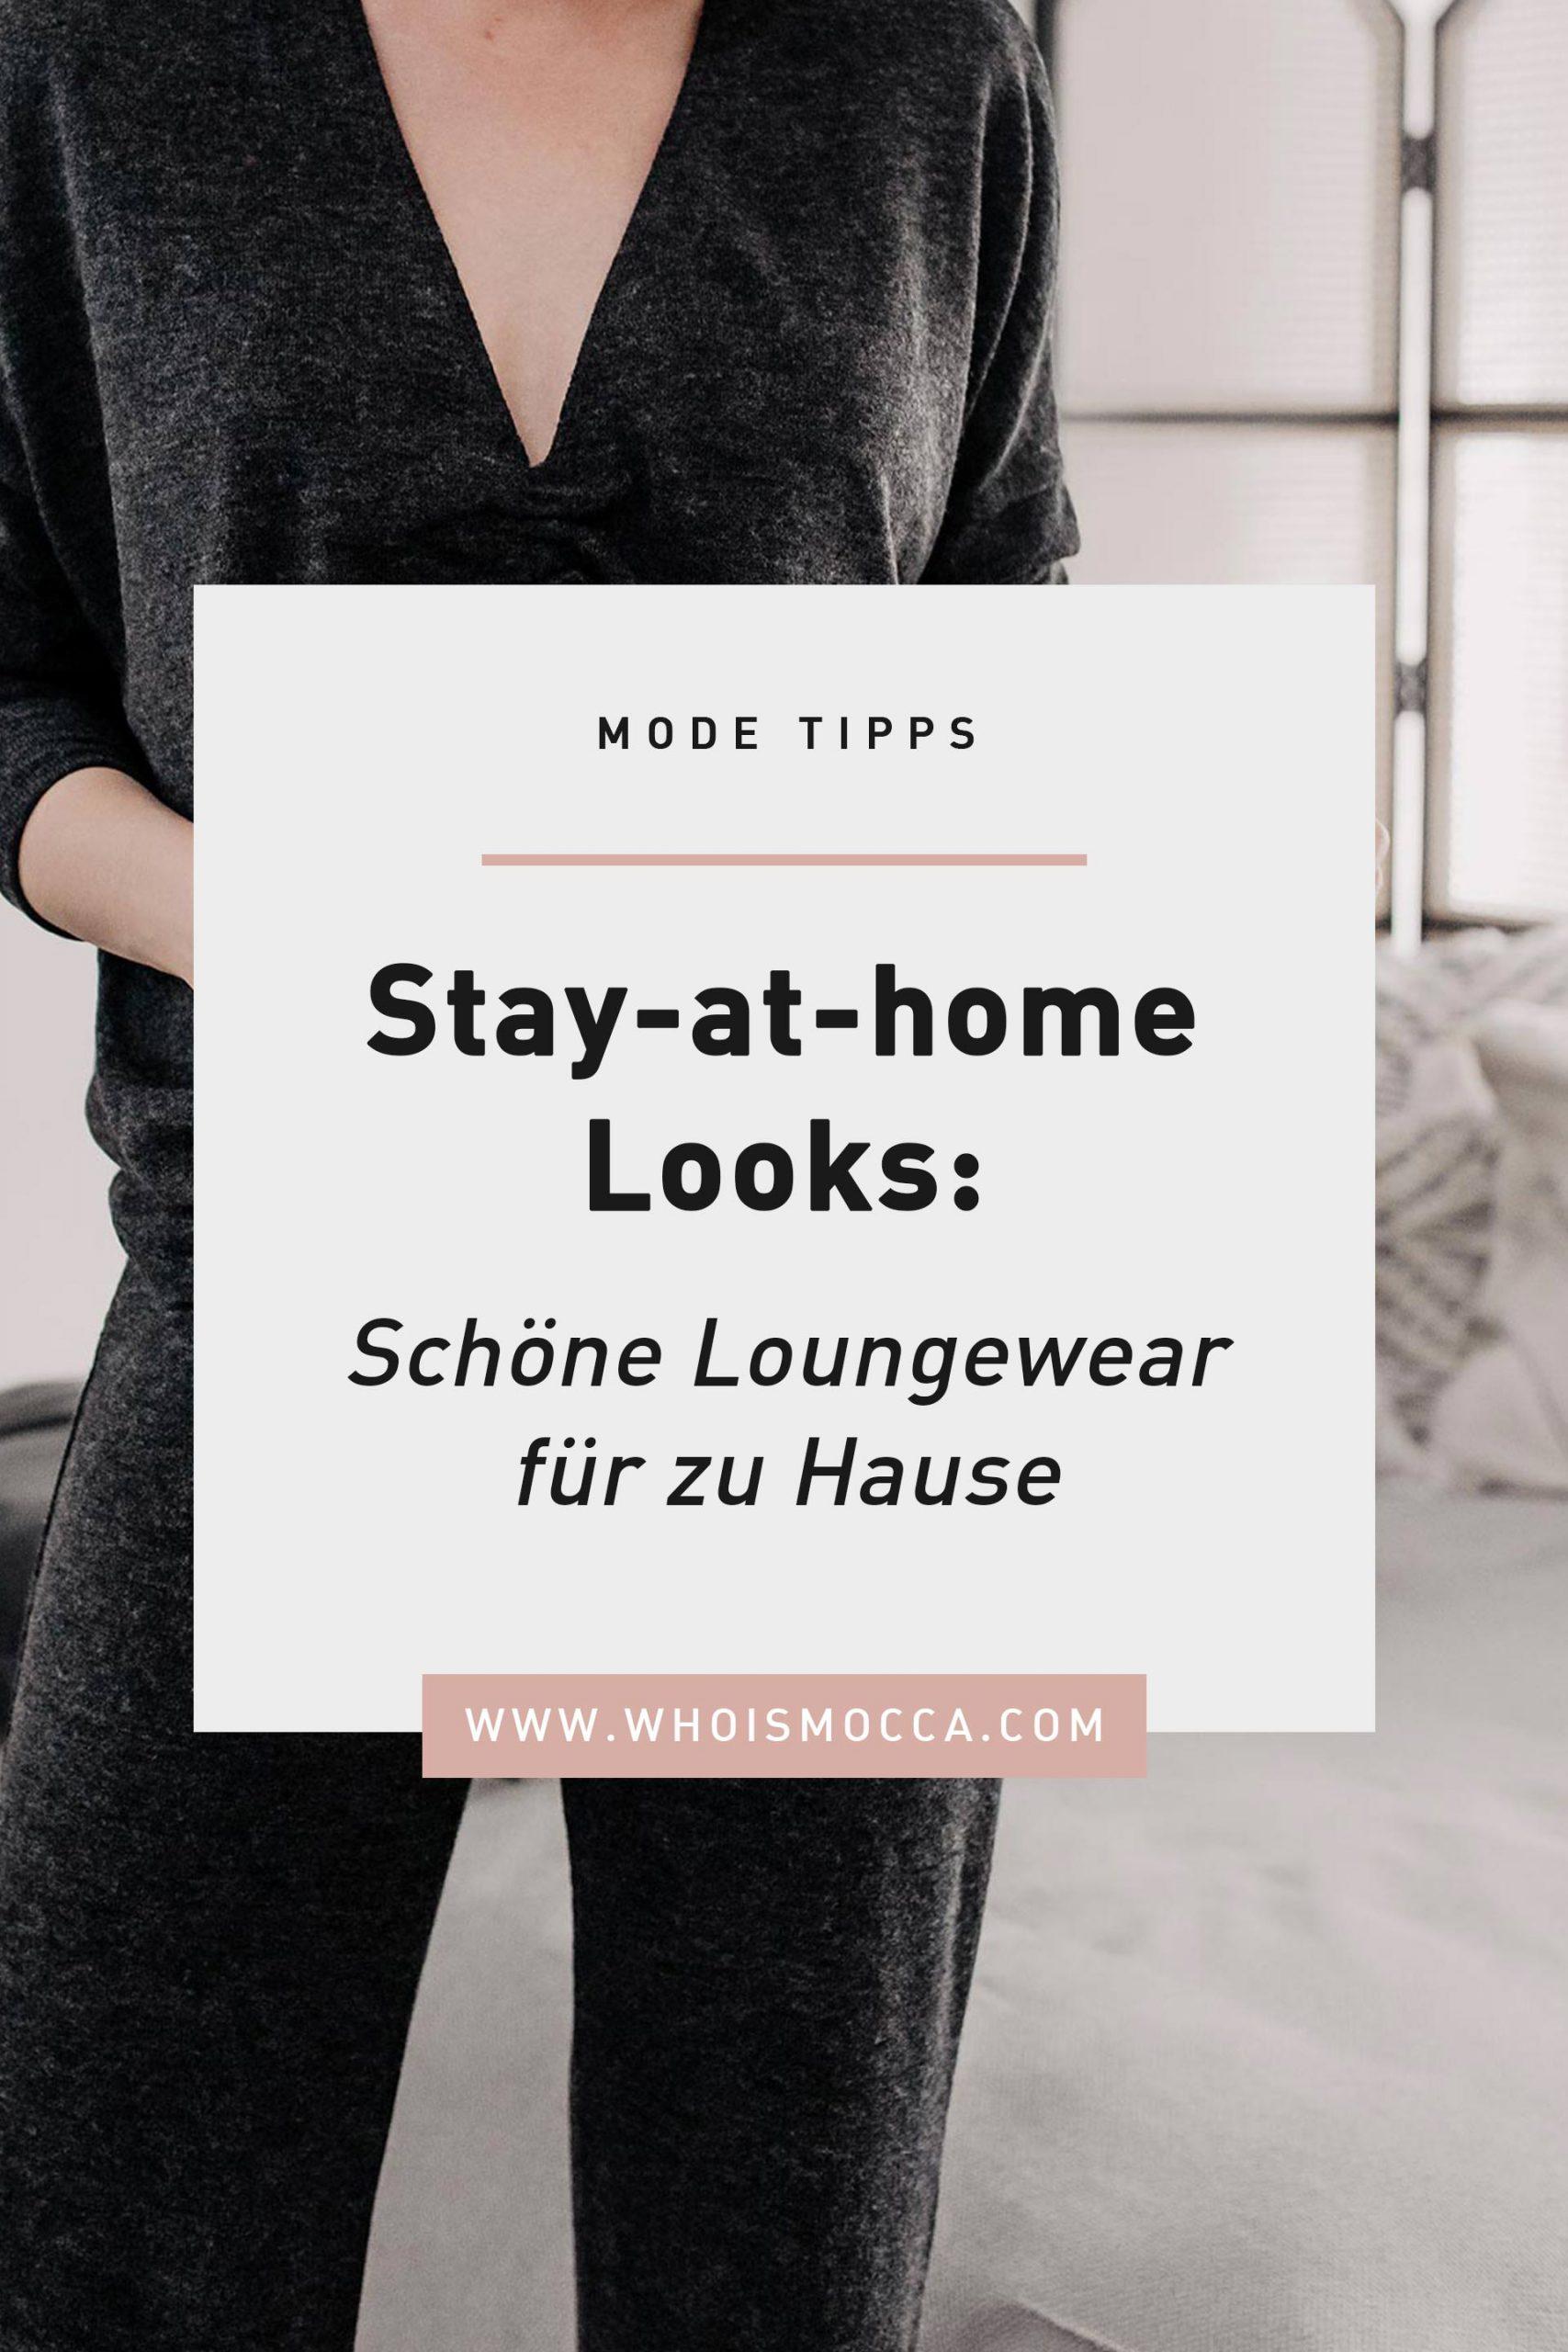 Am Modeblog stelle ich dir schöne Loungewear für zu Hause vor. Tolle stay-at-home Looks, wo Athleisure auf Eleganz trifft. www.whoismocca.com